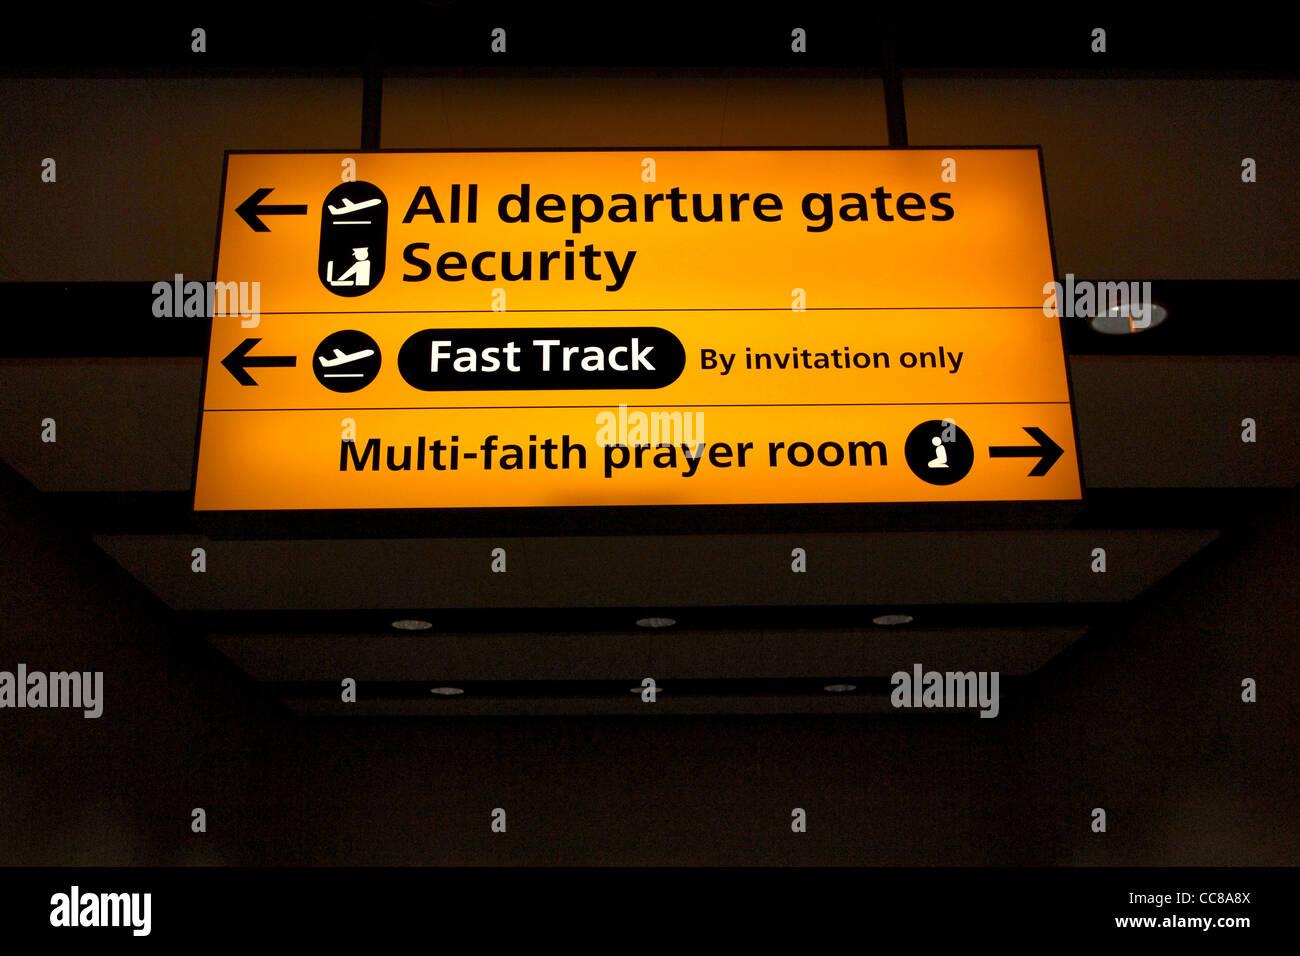 Uk airport salle de prière multiconfessionnelle sign Photo Stock